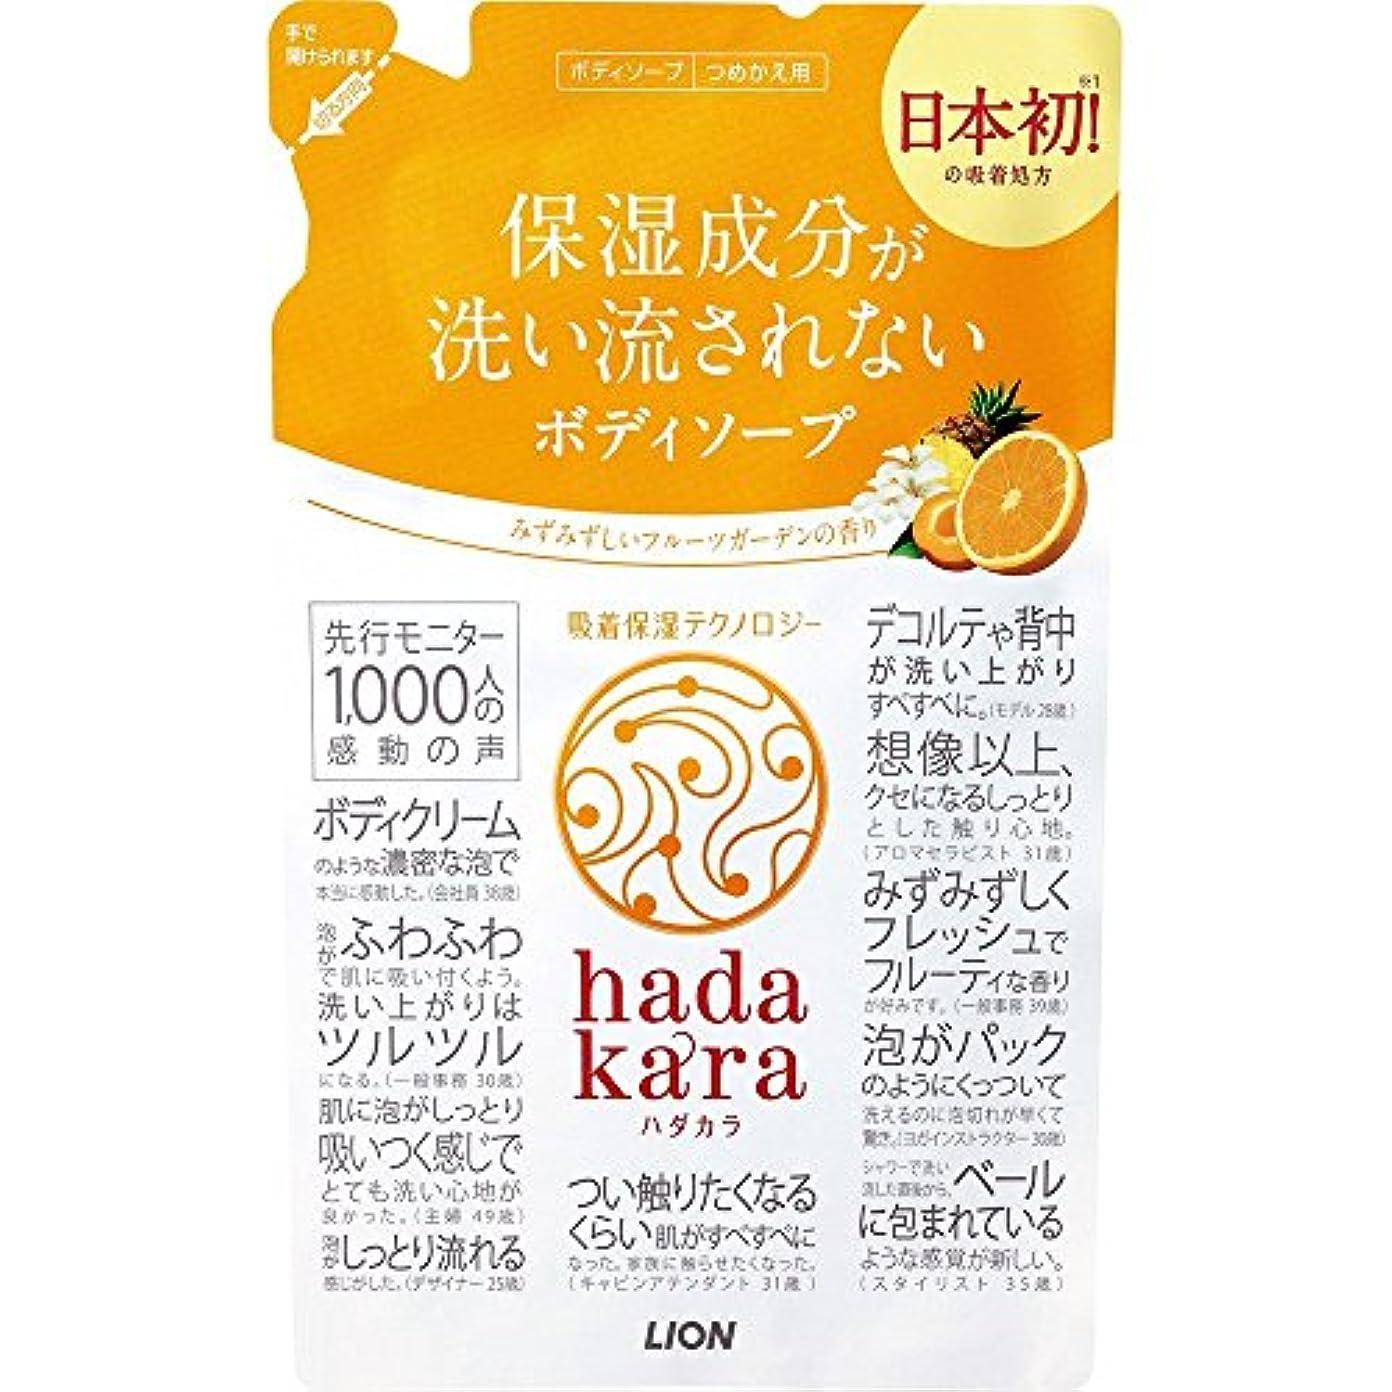 侵入大声で不純hadakara(ハダカラ) ボディソープ フルーツガーデンの香り 詰め替え 360ml